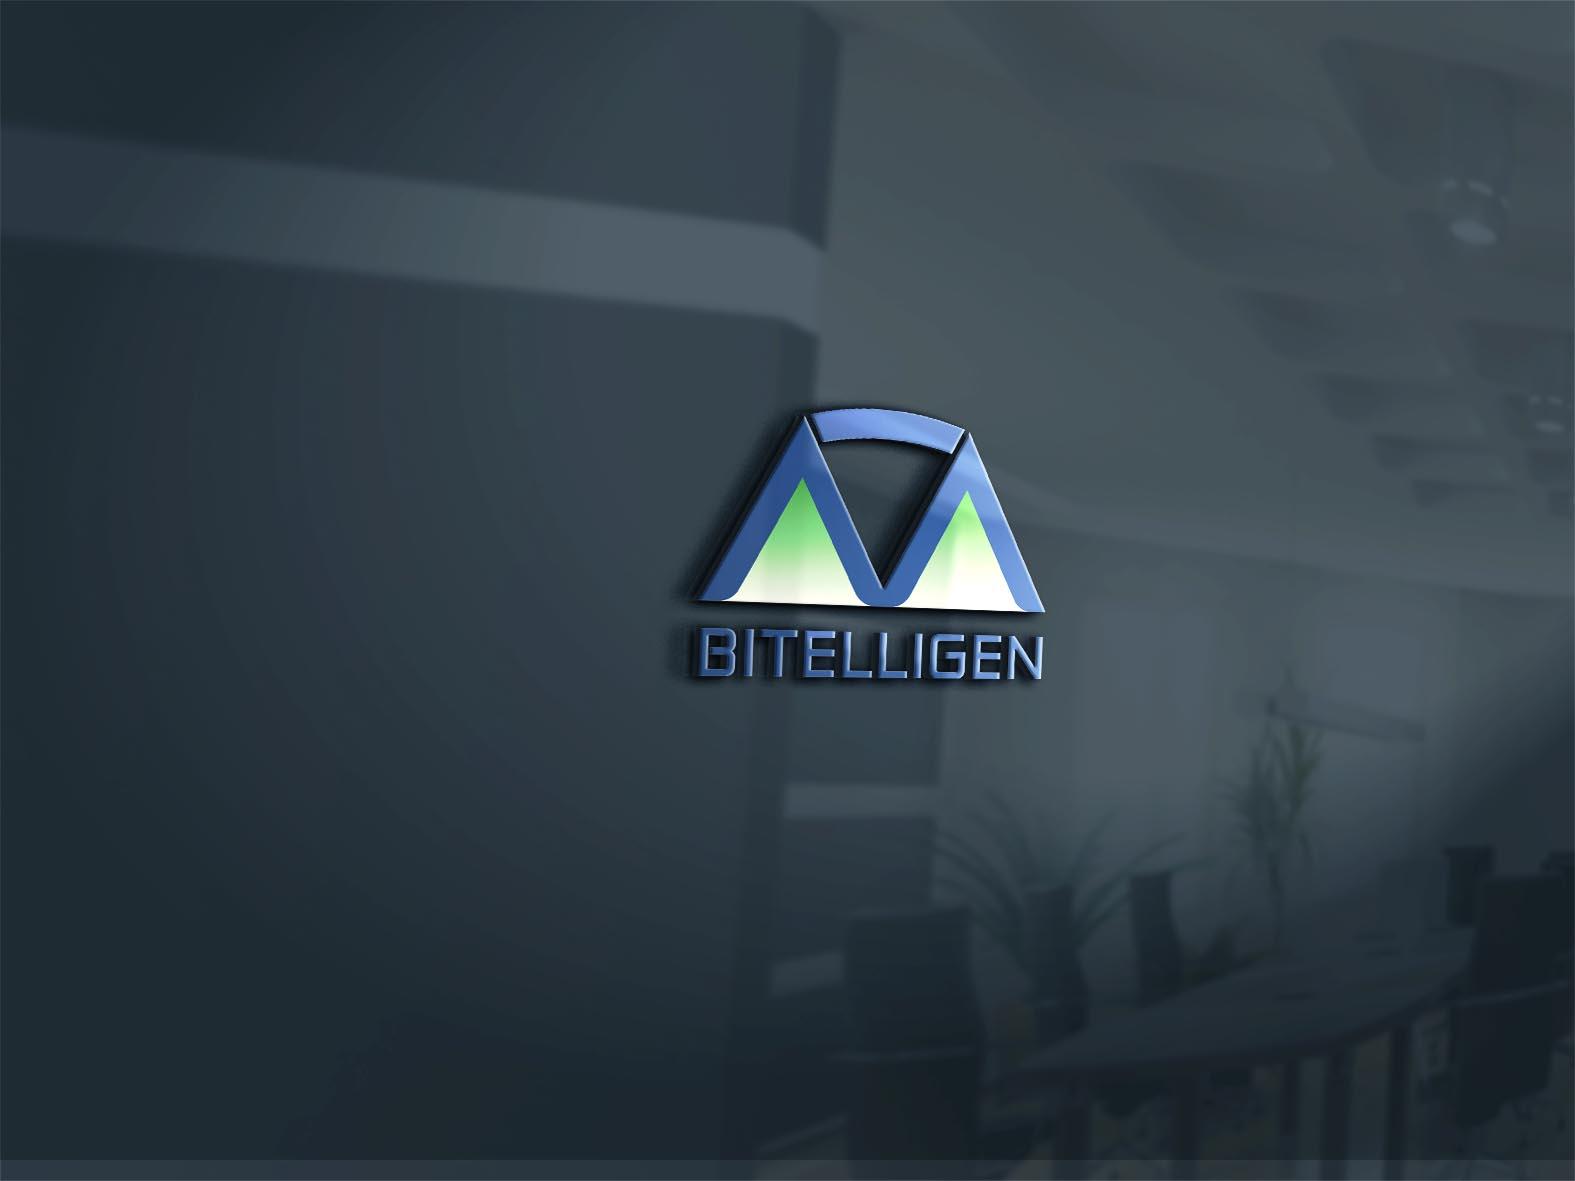 科学仪器logo设计(要求有更新)_3022153_k68威客网